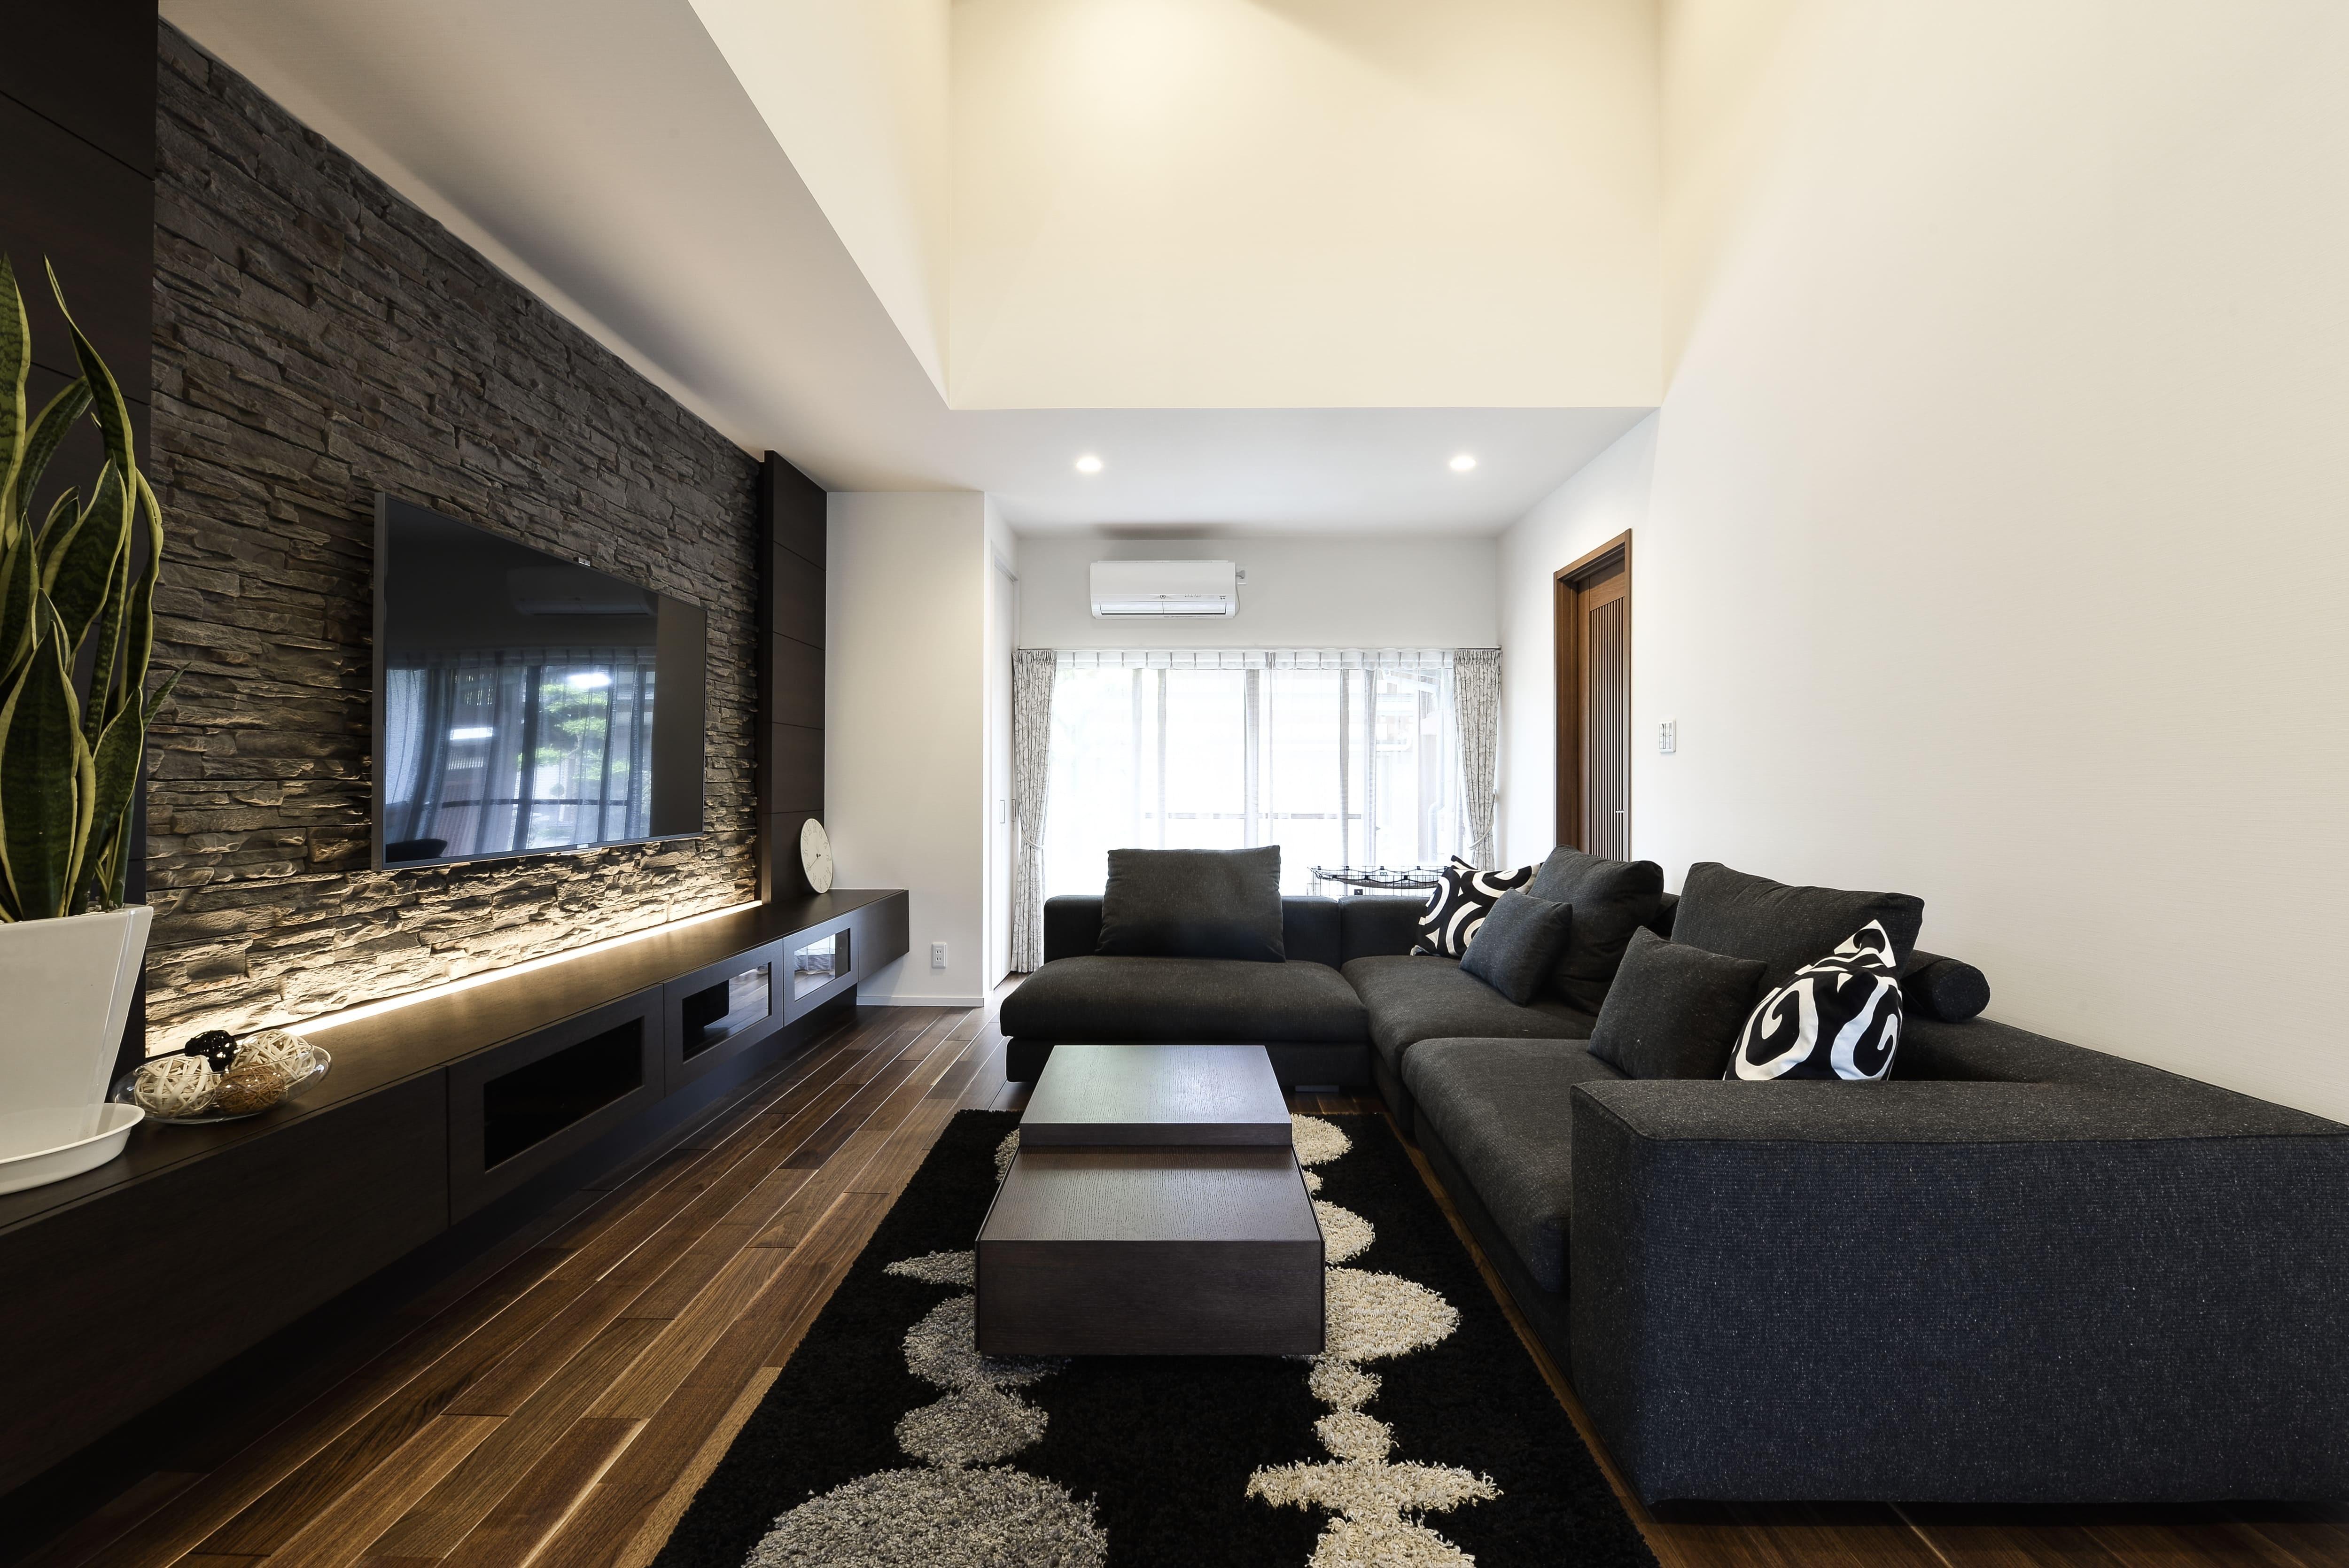 リビングダイニング事例:吹き抜けを設けた開放感あふれるリビング。(外観は純和風のままに、室内はアーバンモダンの洗練されたデザインへとリフォーム。)